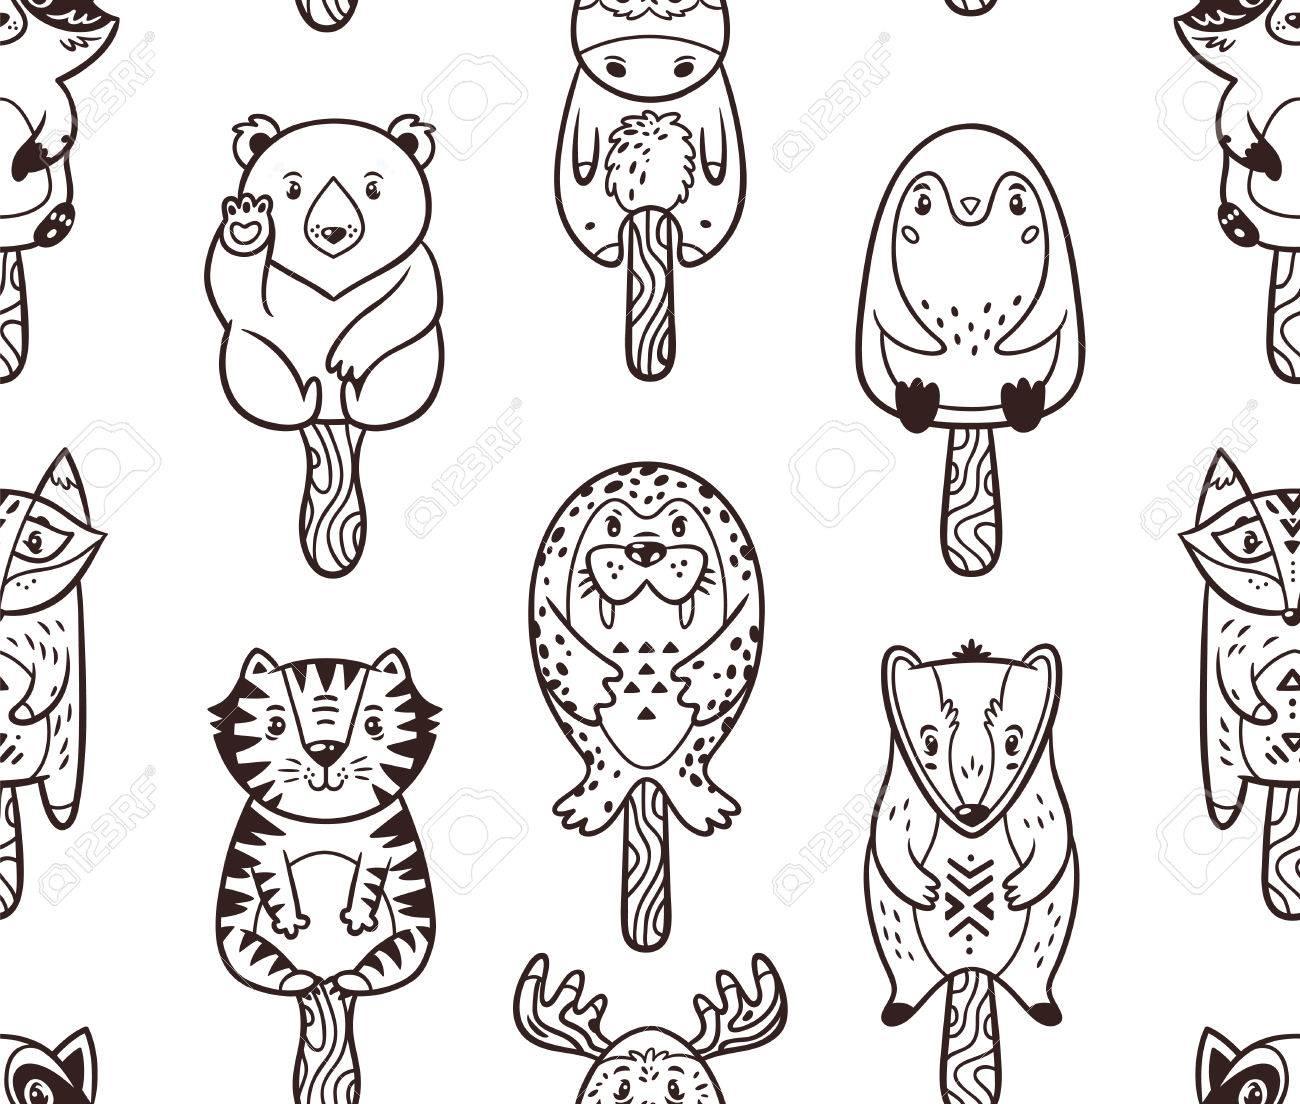 Patrón Del Polo De Hielo Con Animales De Dibujos Animados. Fondo ...